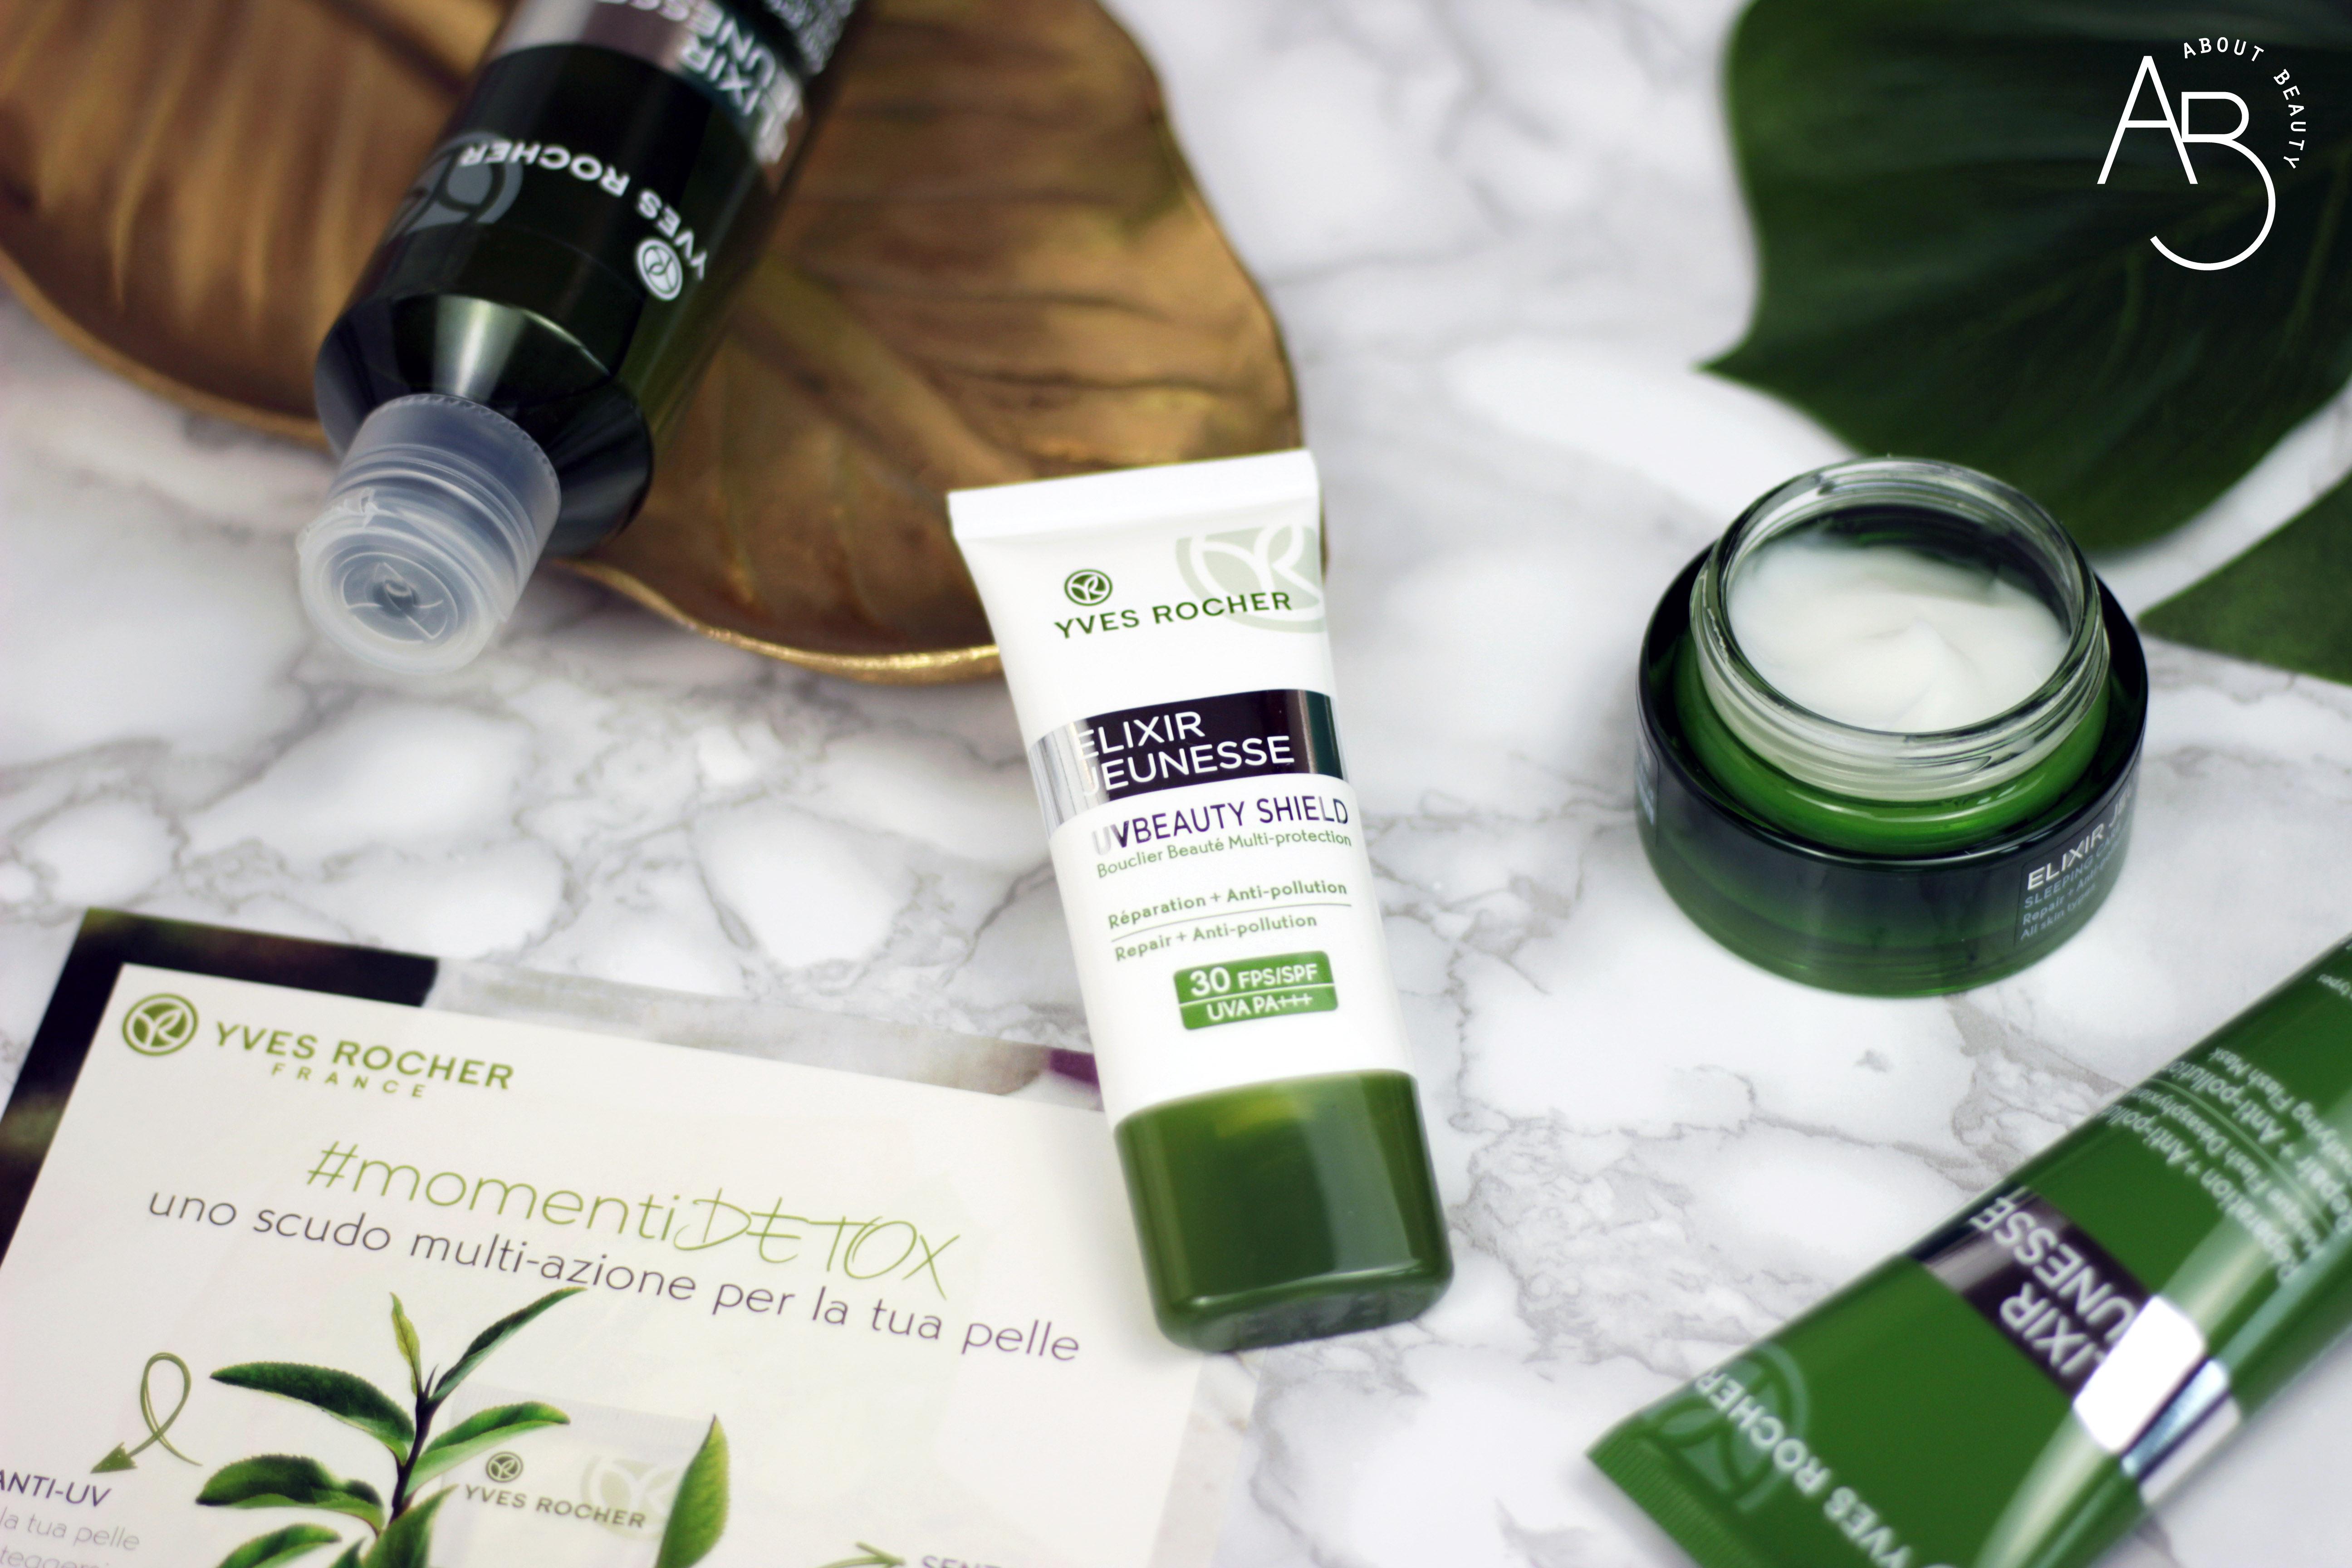 Yves Rocher presenta Elixir Jeunesse UV Beauty Shield SPF30 e SPF50 - Recensione, review, opinioni, info, prezzo, dove acquistare